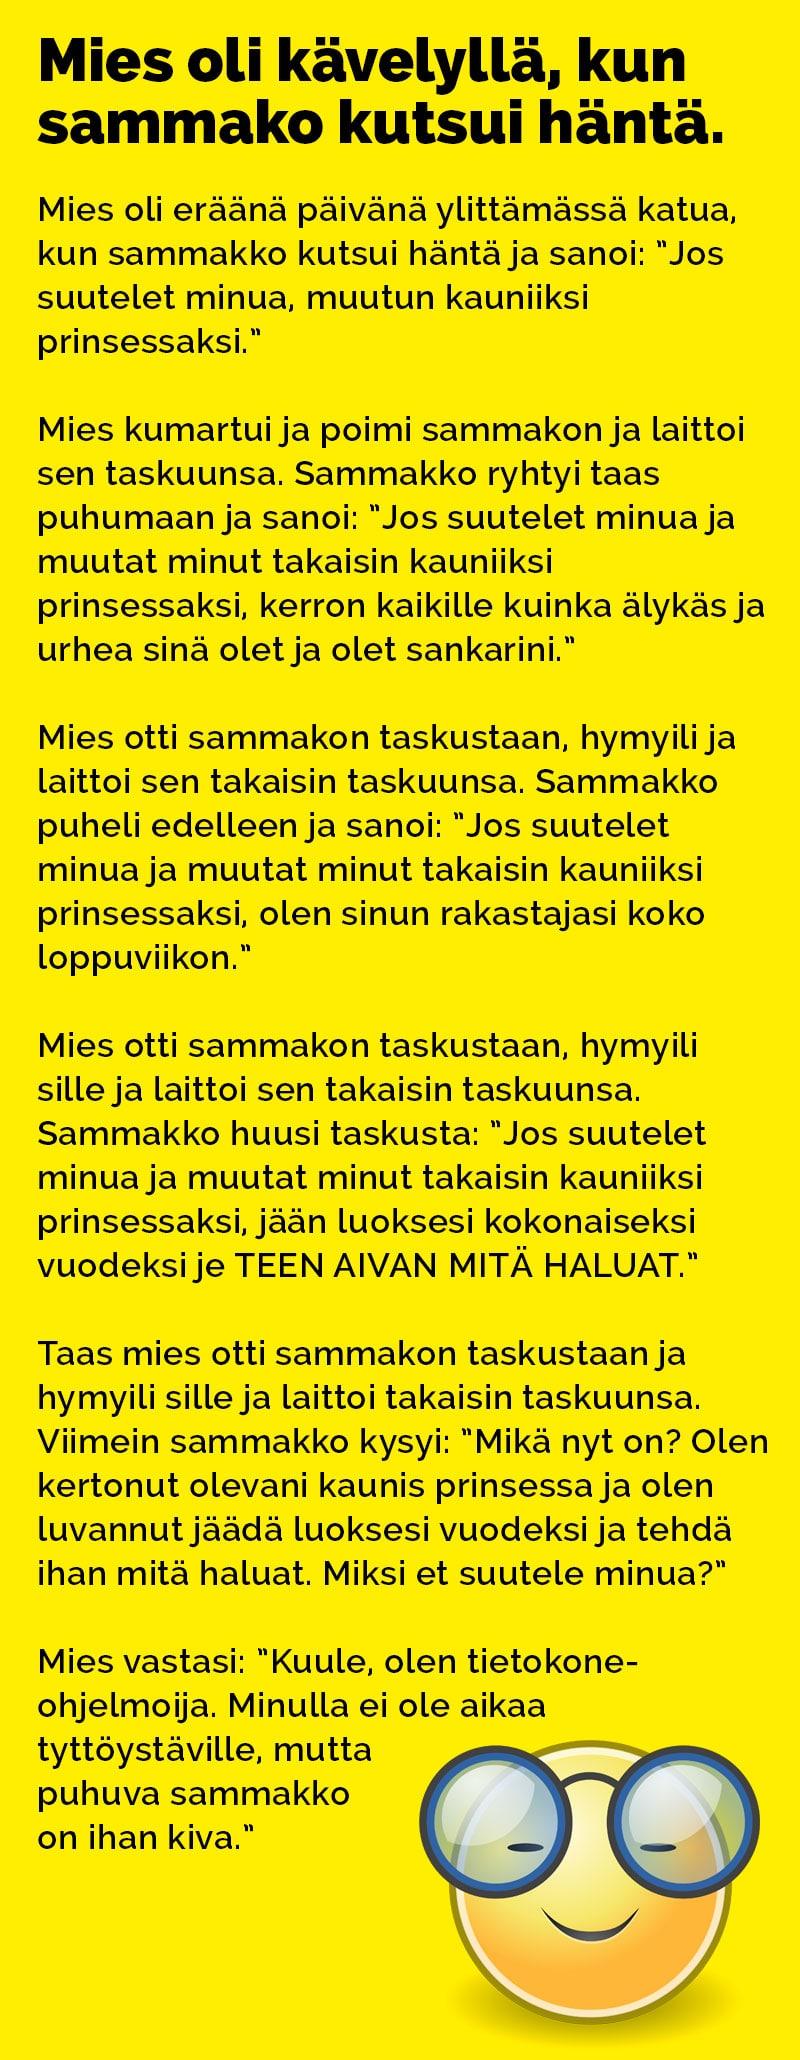 mies_kavelylla_kun_sammakko_kutsui_2